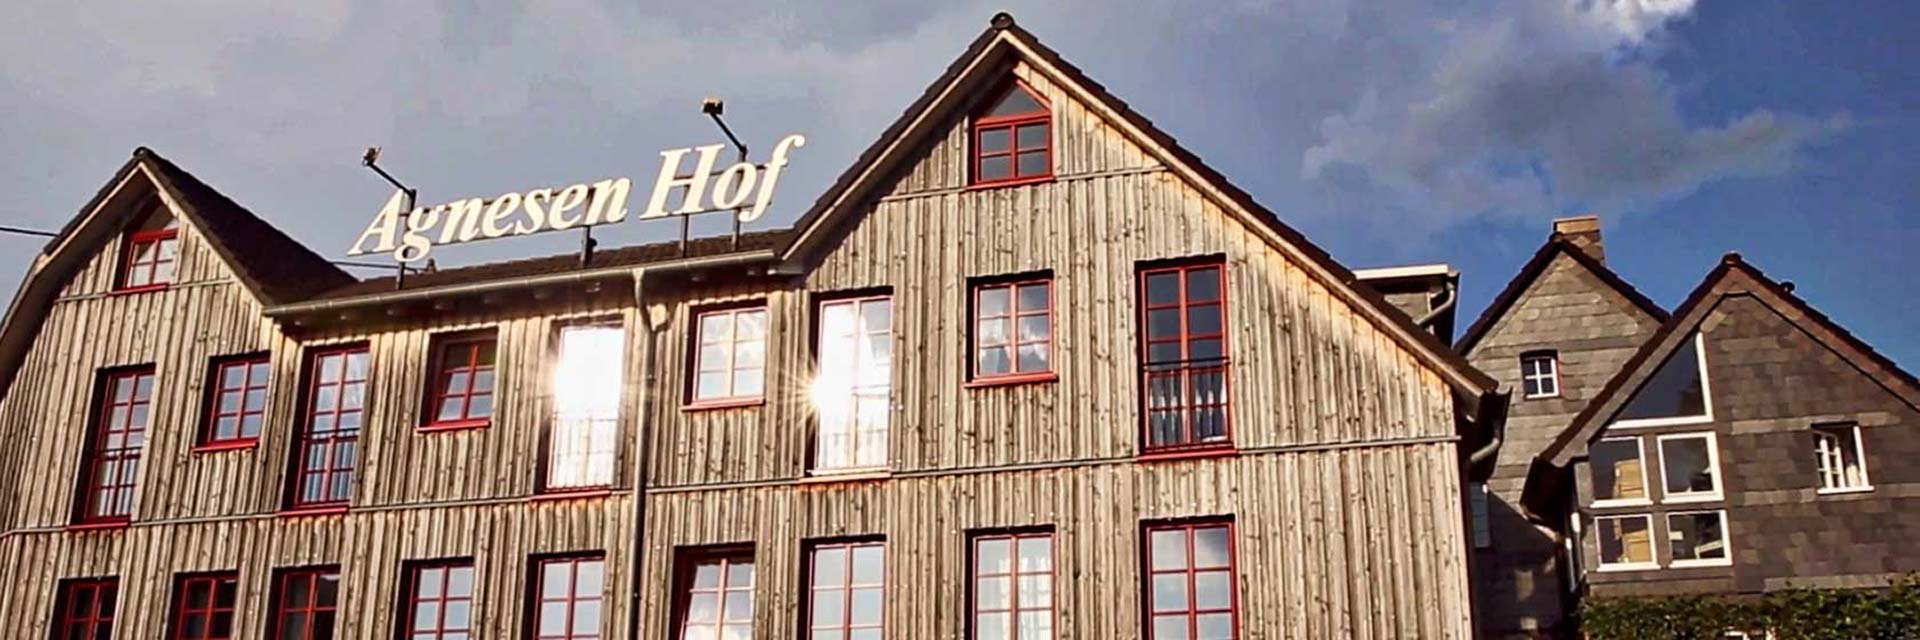 GEDLICH Racing - Nürburgring - Hotel Agnesenhof, Barweiler